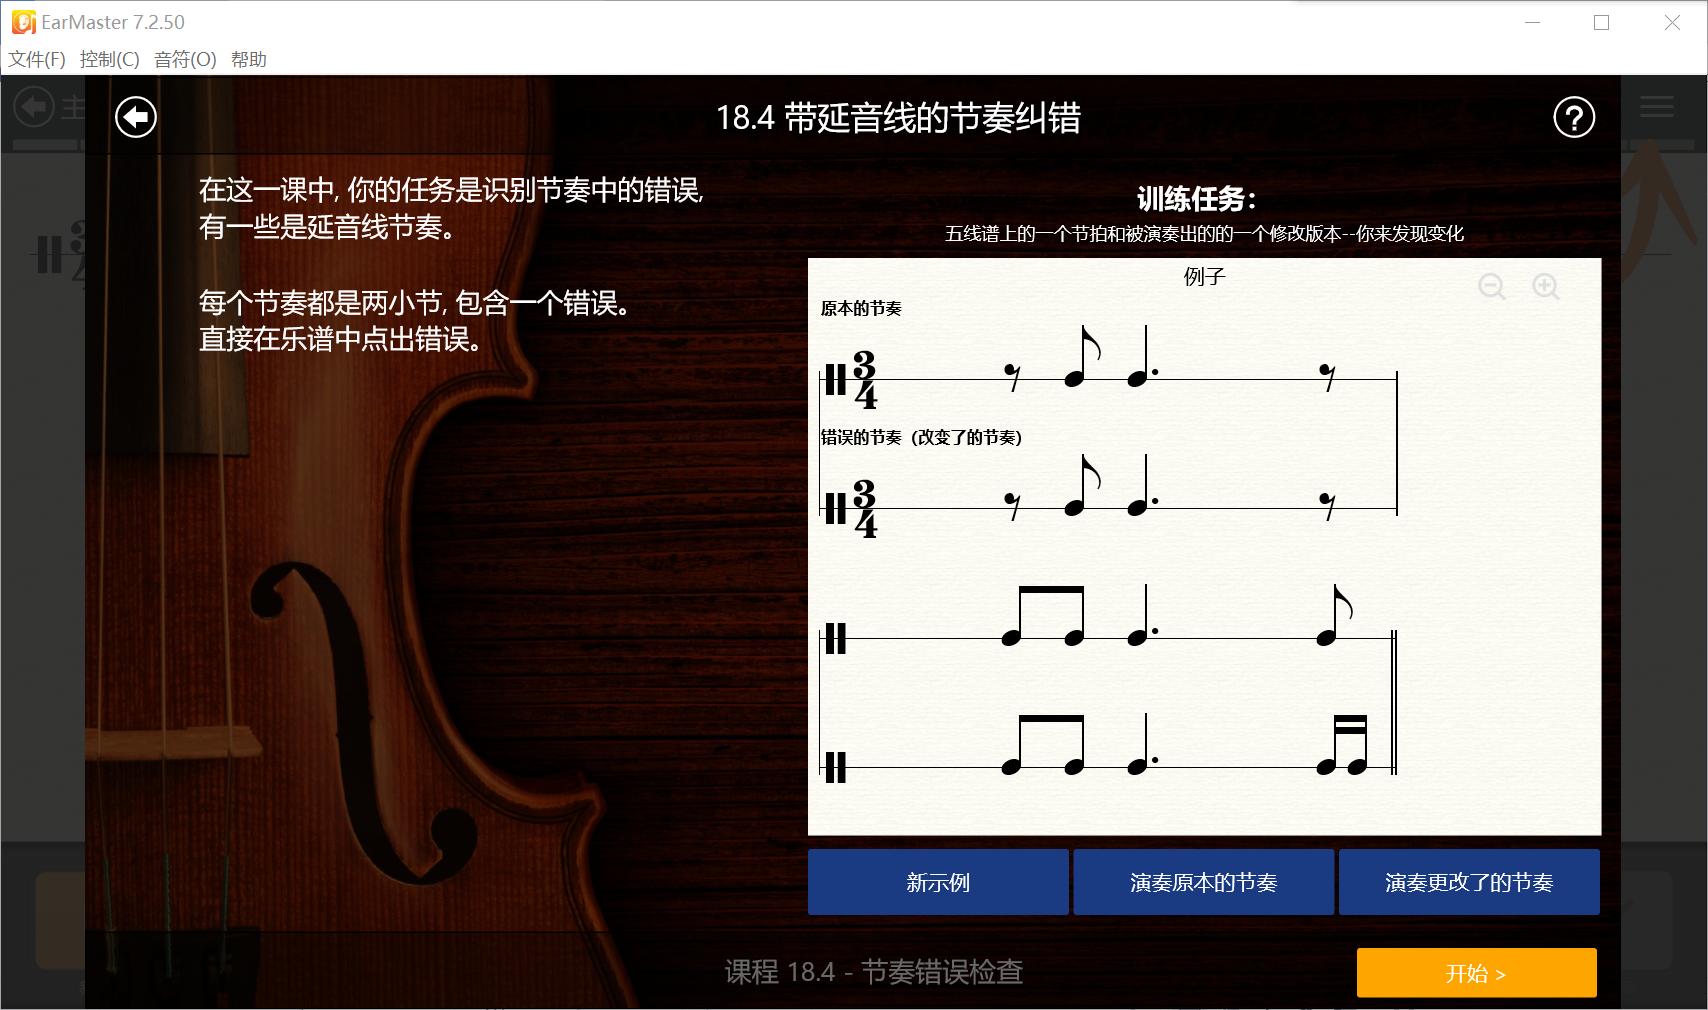 节奏纠错练习课程页